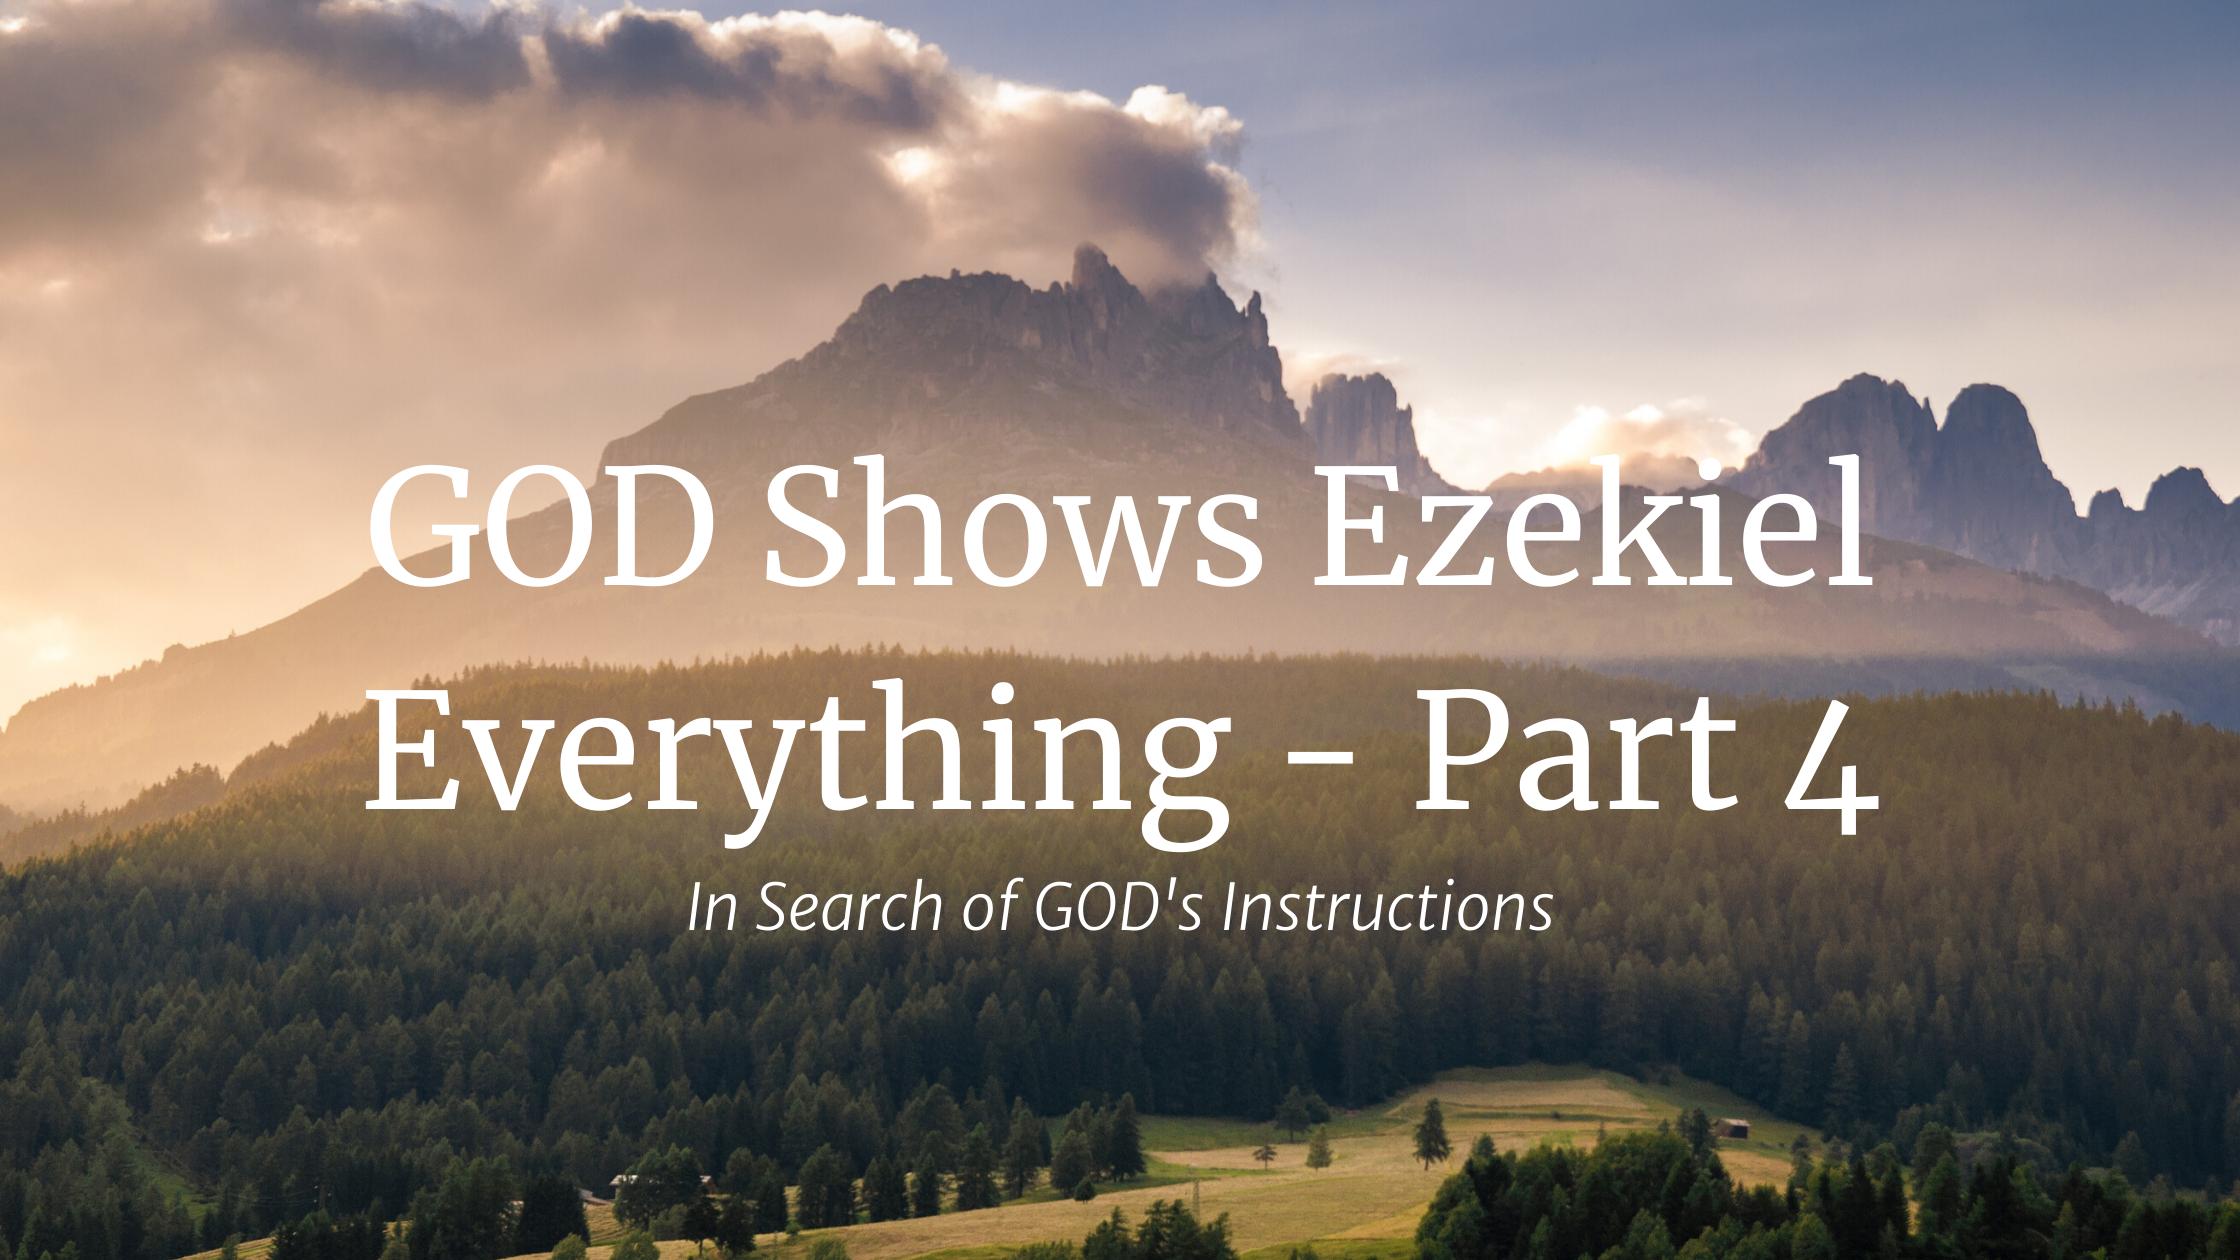 god-shows-ezekiel-everything-graphic-4